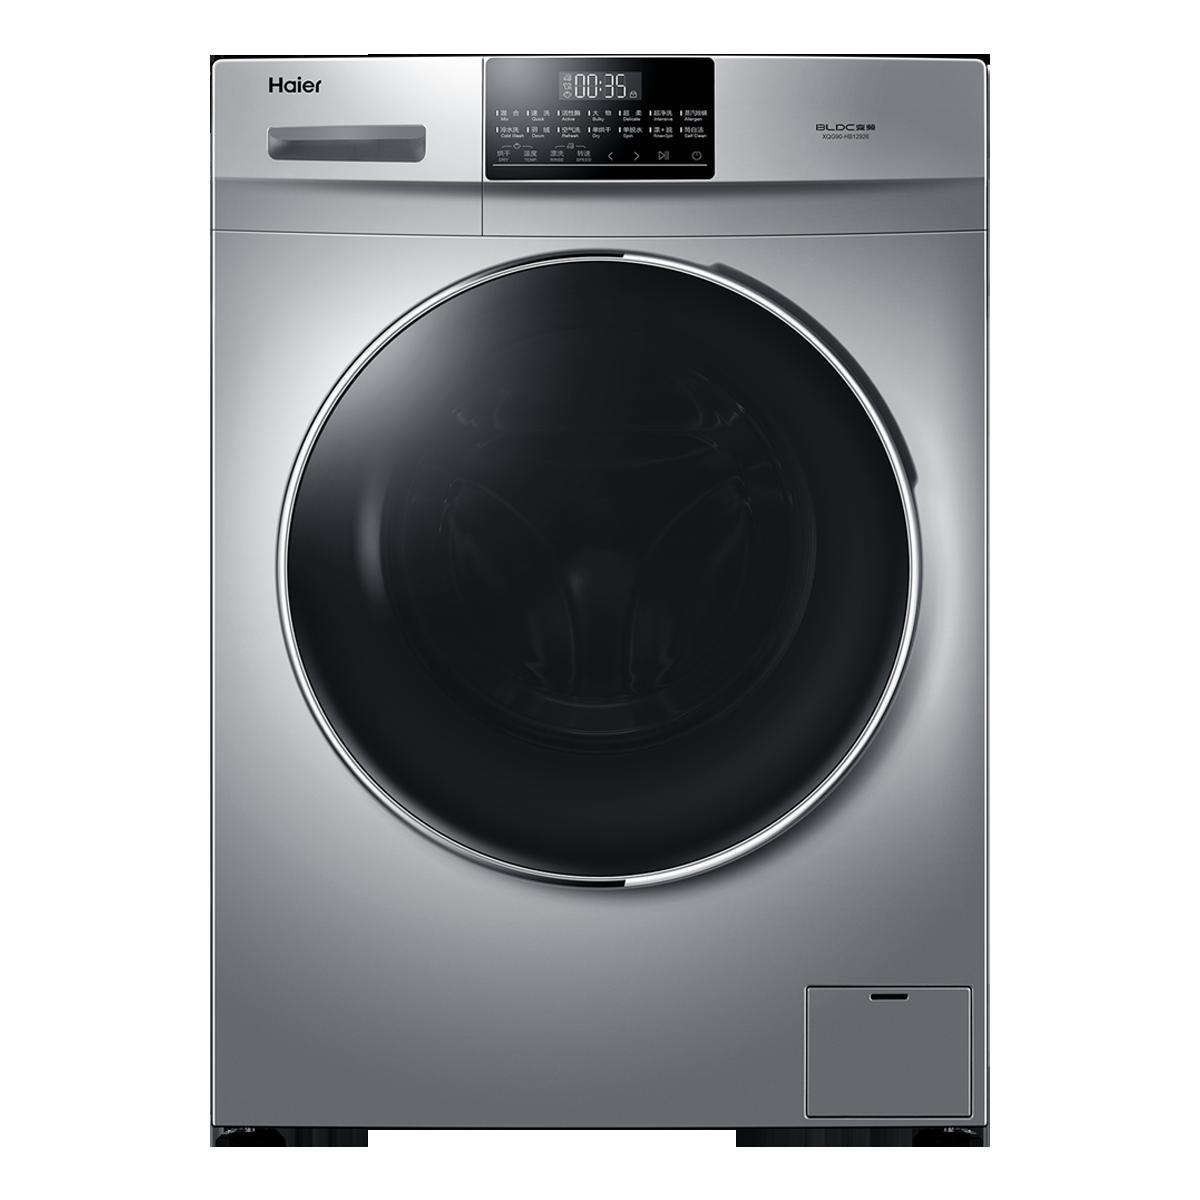 海尔Haier洗衣机 XQG100-HB12926 说明书